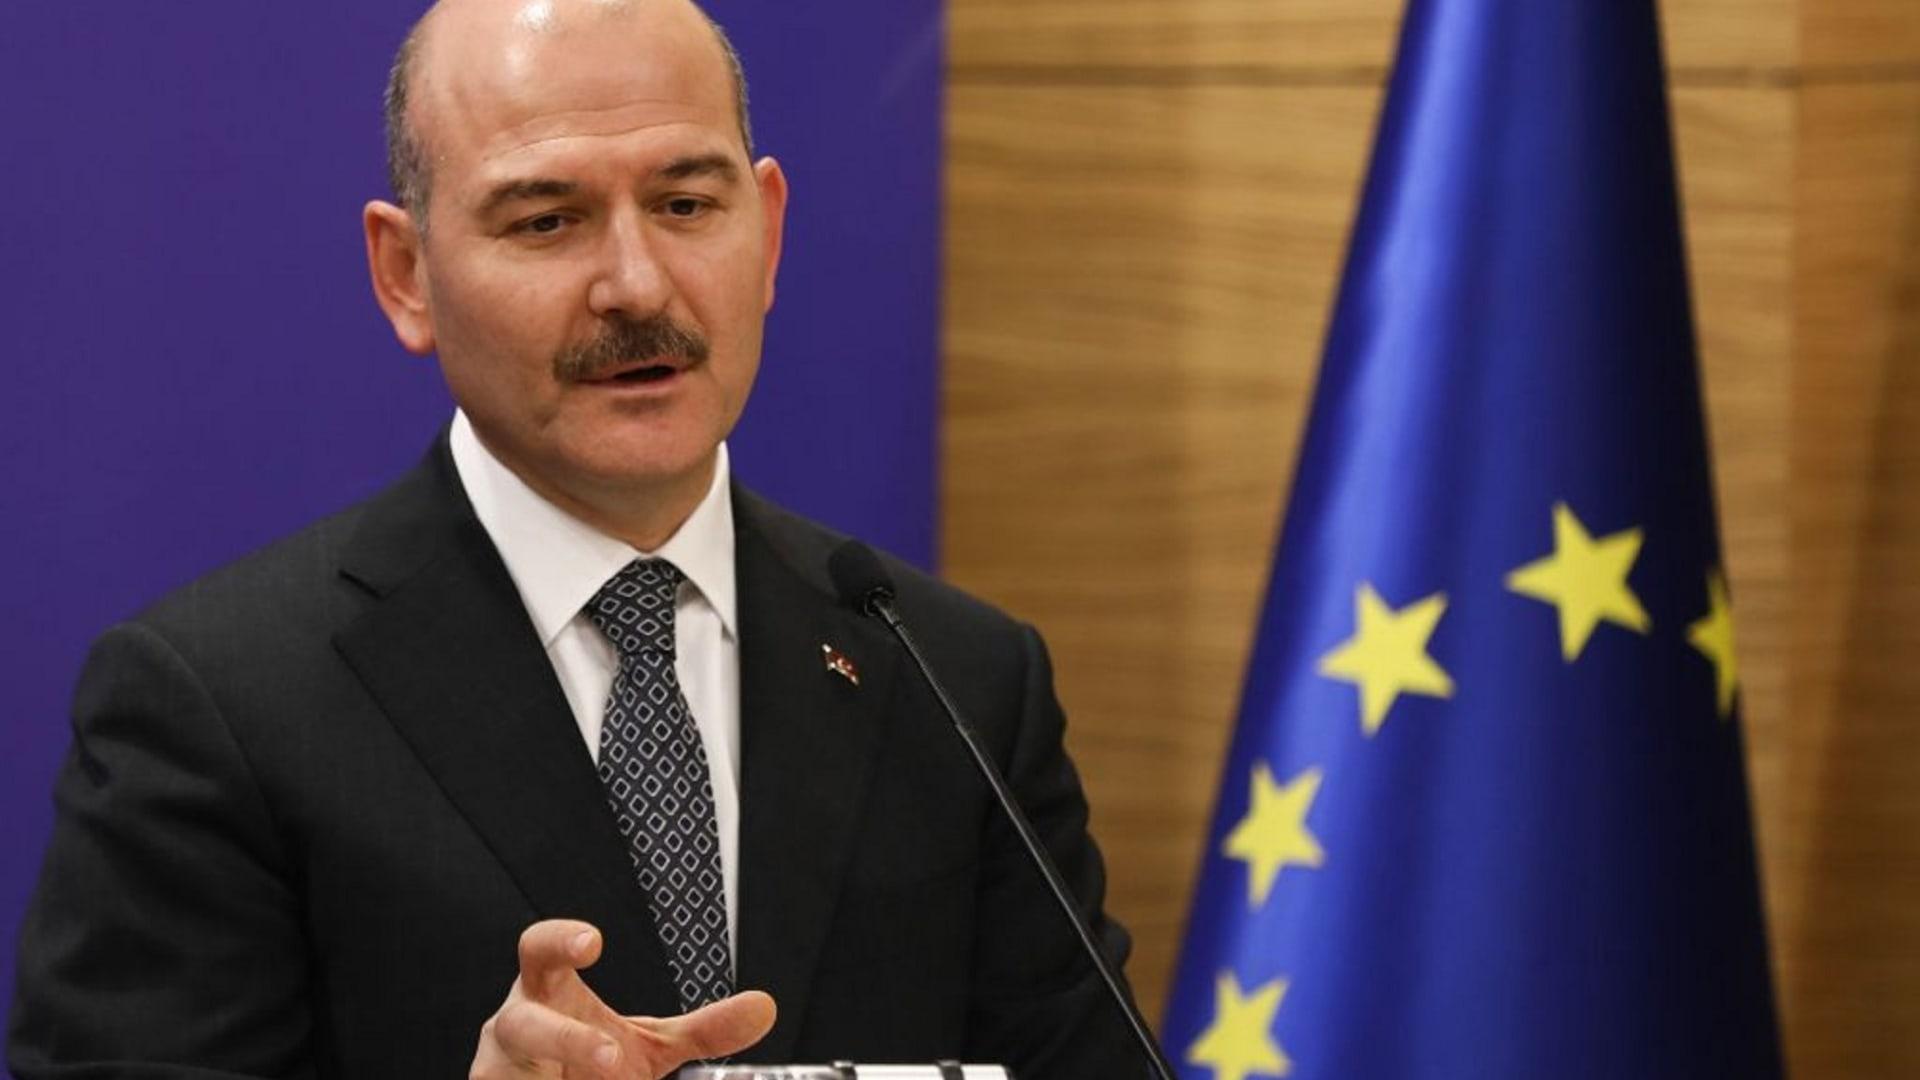 وزير الداخلية التركي: لم نتلق أوامر من واشنطن لتنفيذ عمليتي درع الفرات وغصن الزيتون